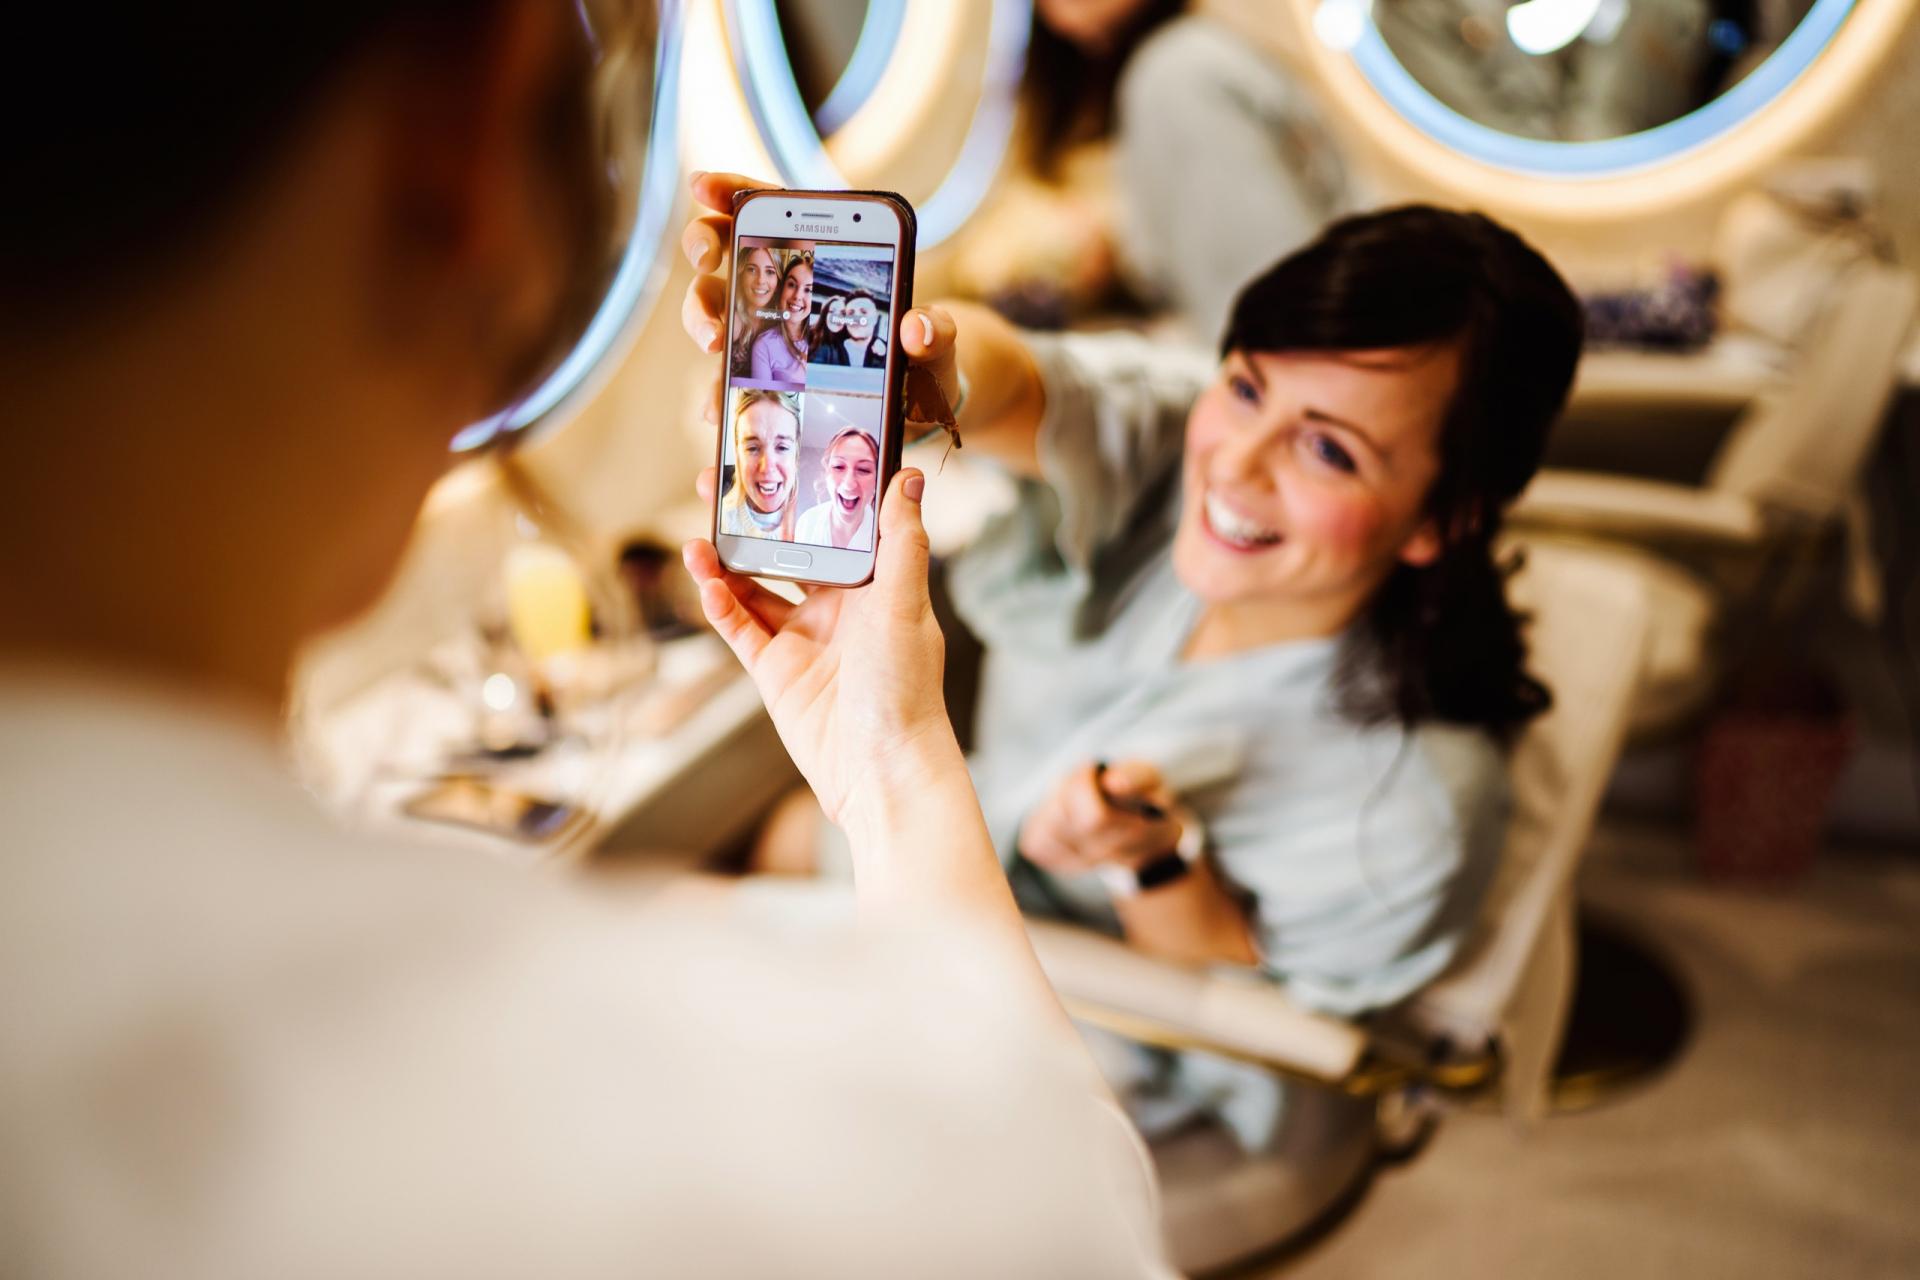 Fotografía de la boda de los graneros de Bassmead Manor | una dama de honor comparte su teléfono con la novia antes de la ceremonia